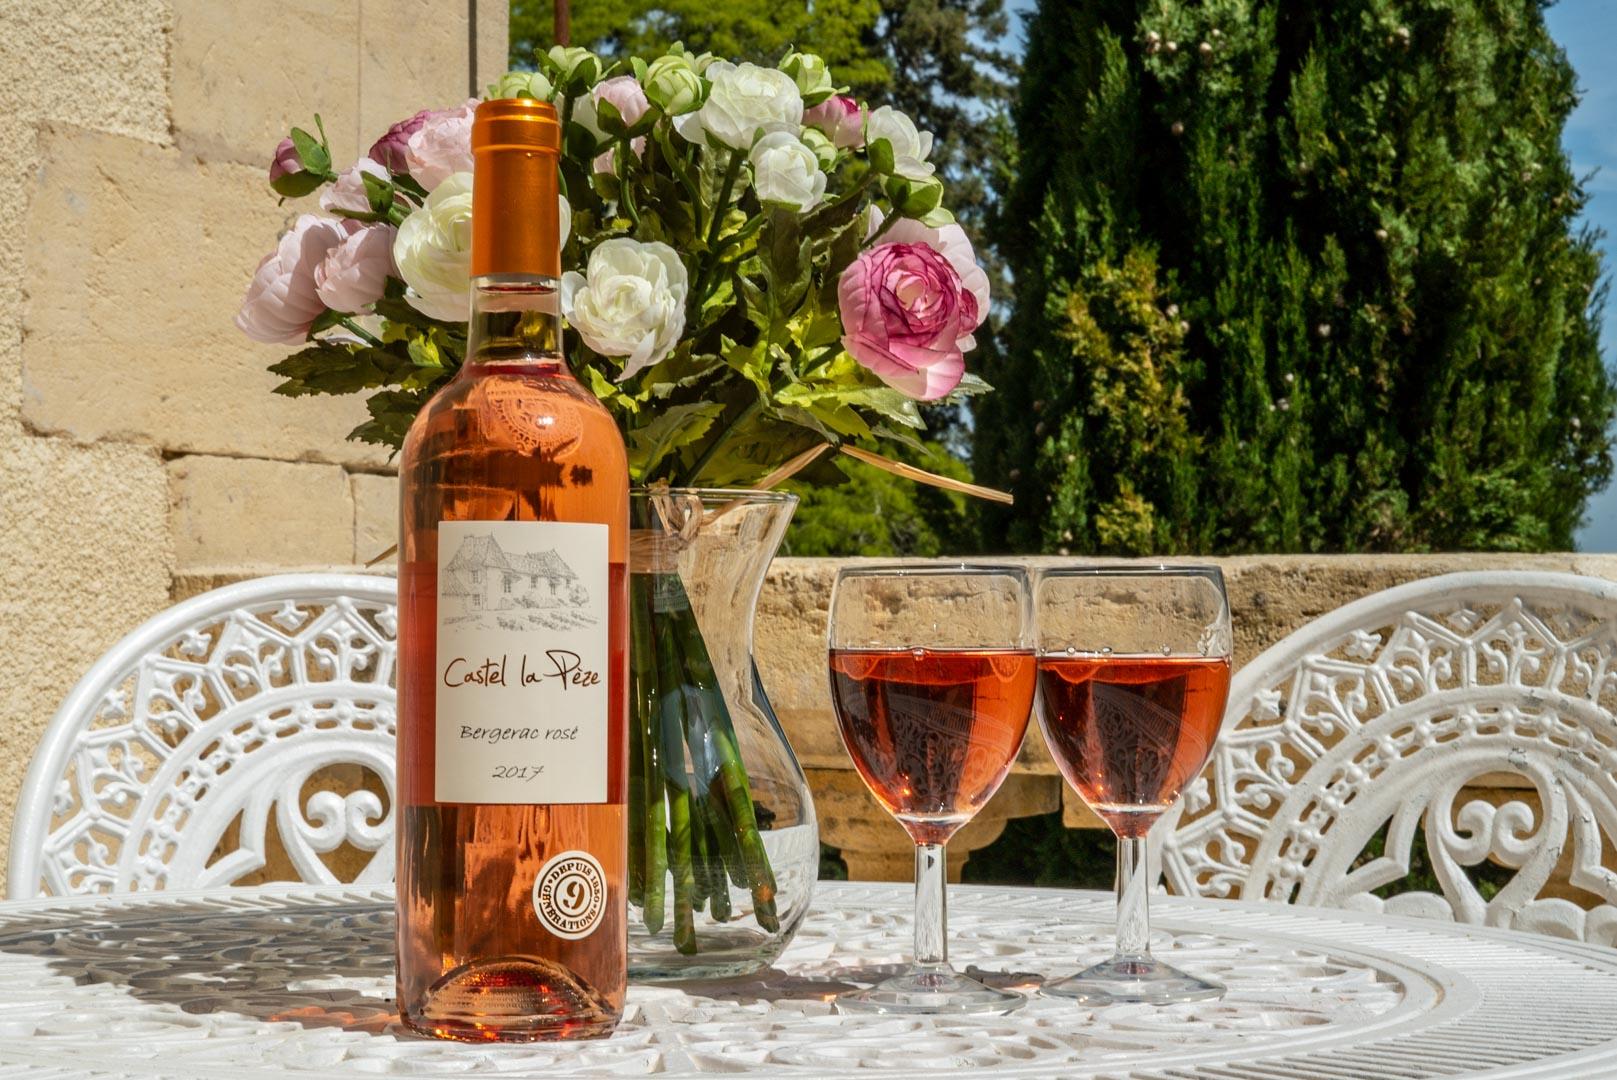 Bouteille vin castel lapeze Chateau Rauly location bergerac Monbazillac